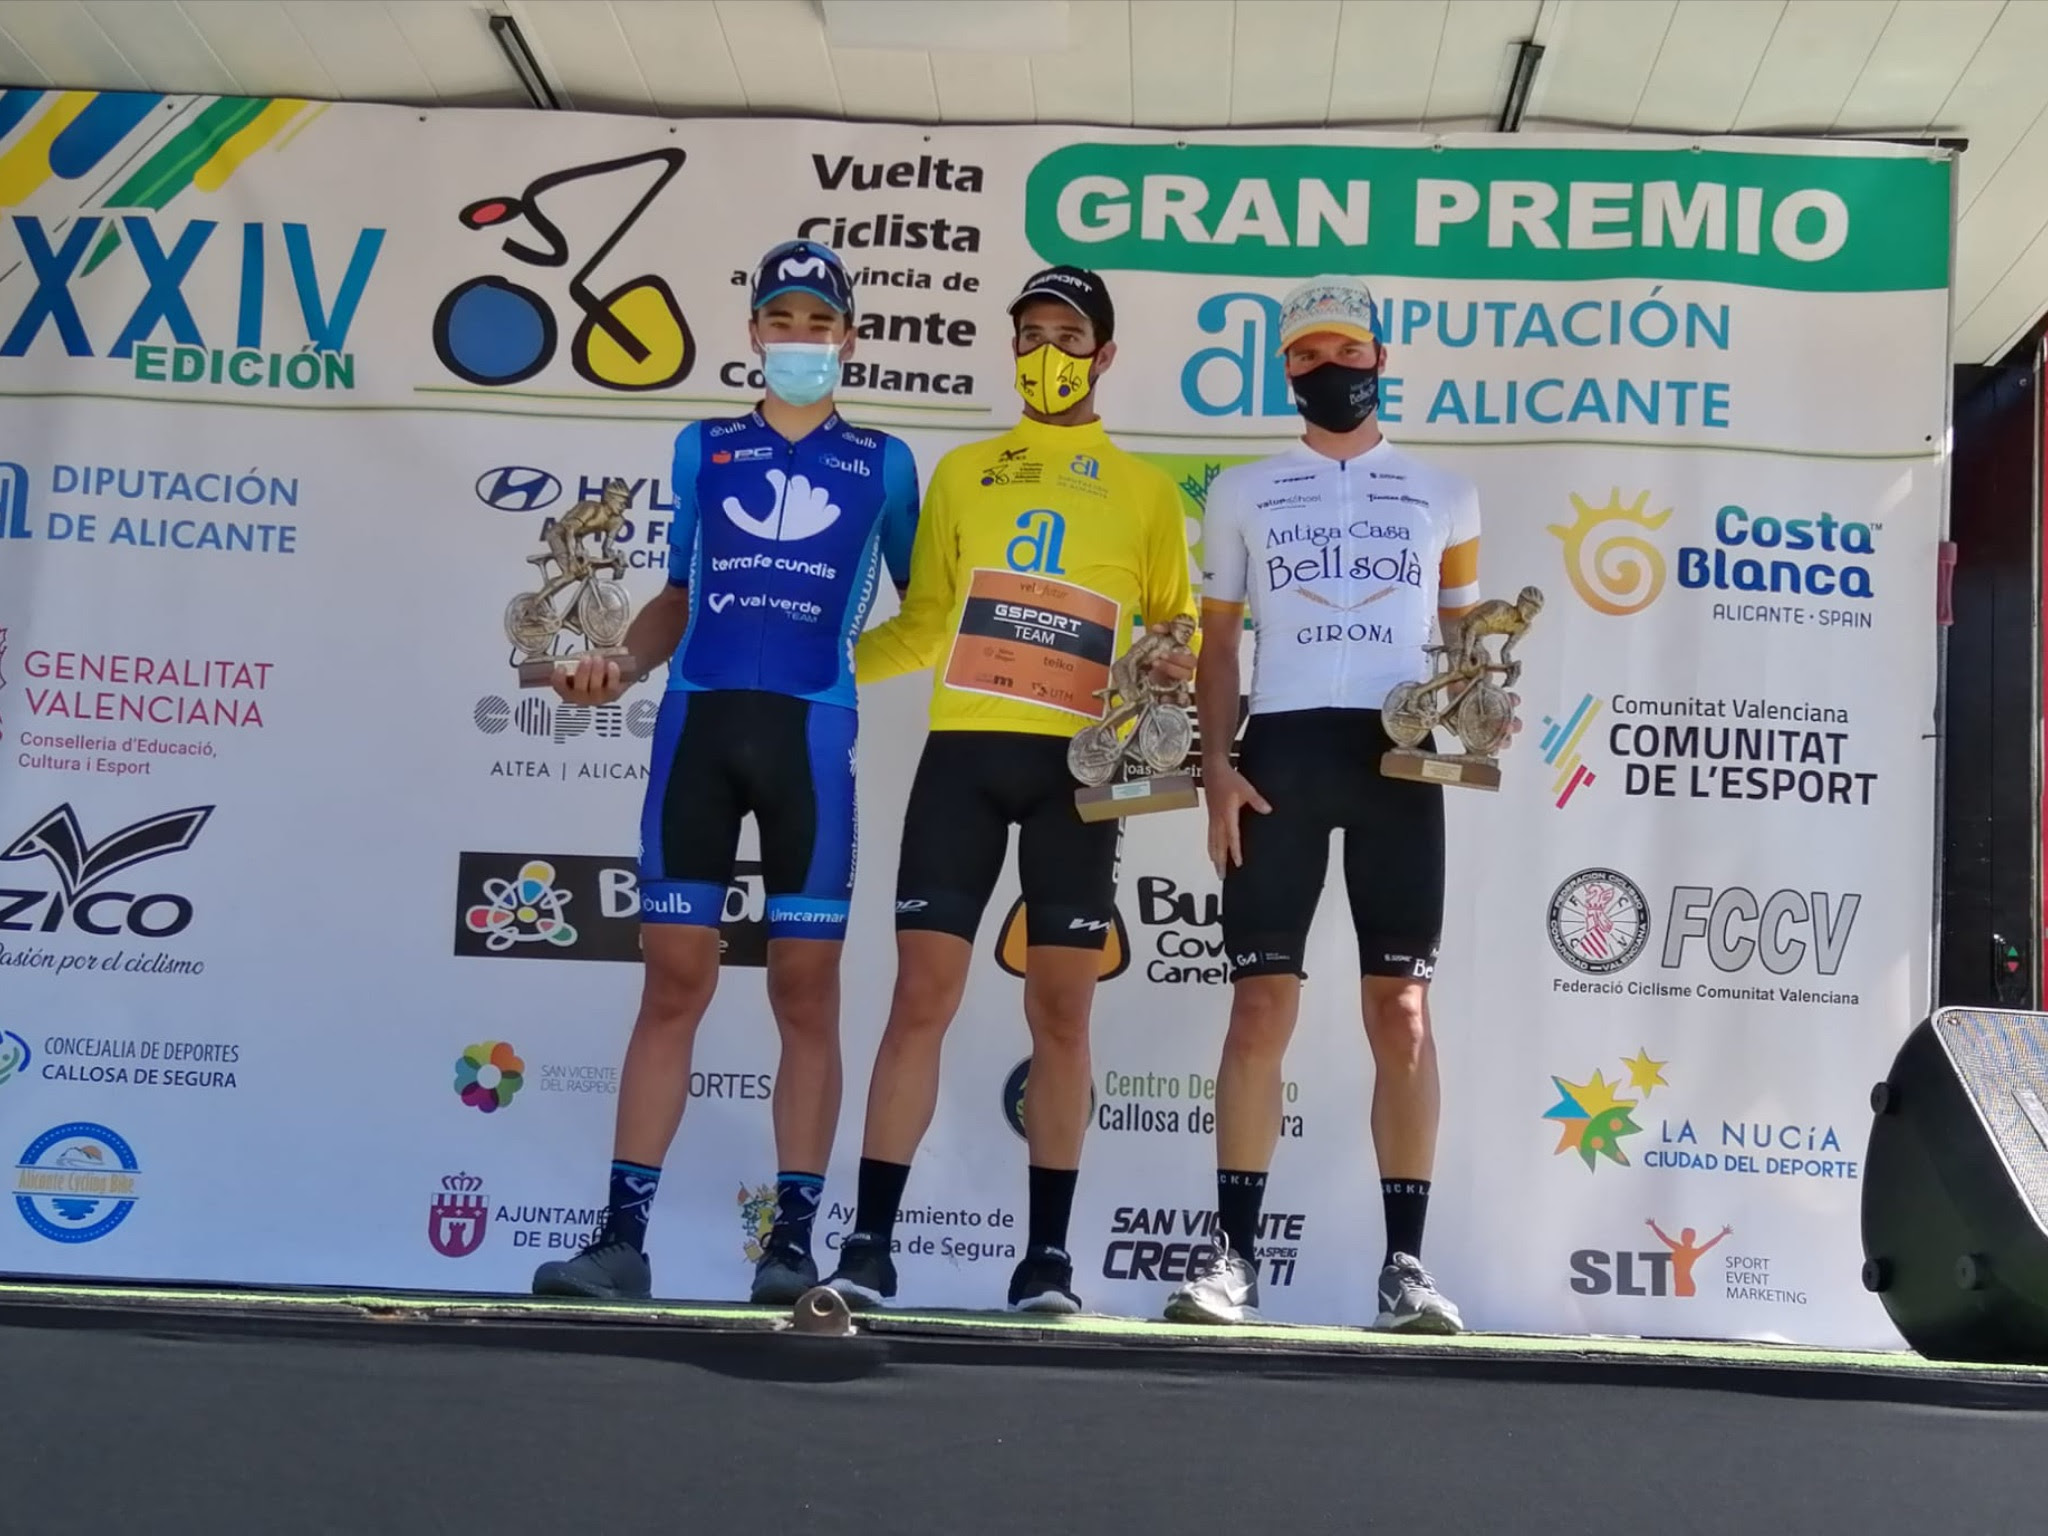 Podium Vuelta Alicante 2020